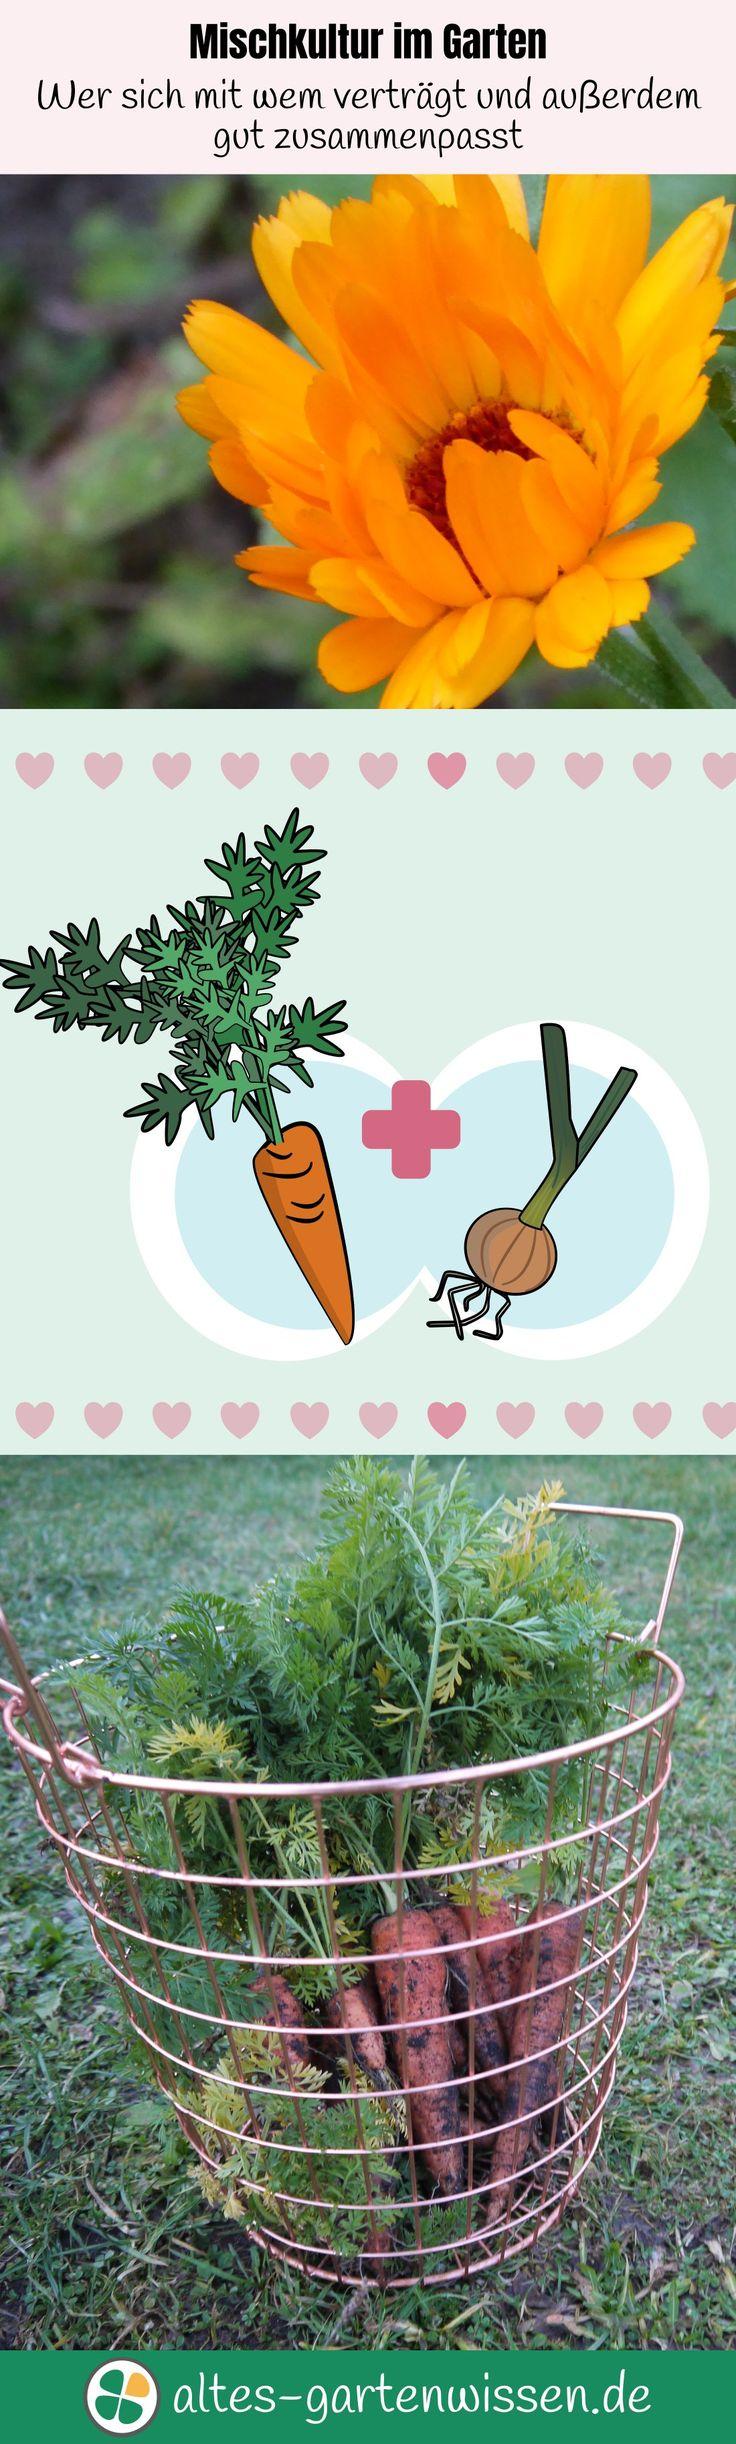 Mischkultur im Garten – Wer sich mit wem verträgt und außerdem gut zusammenpasst